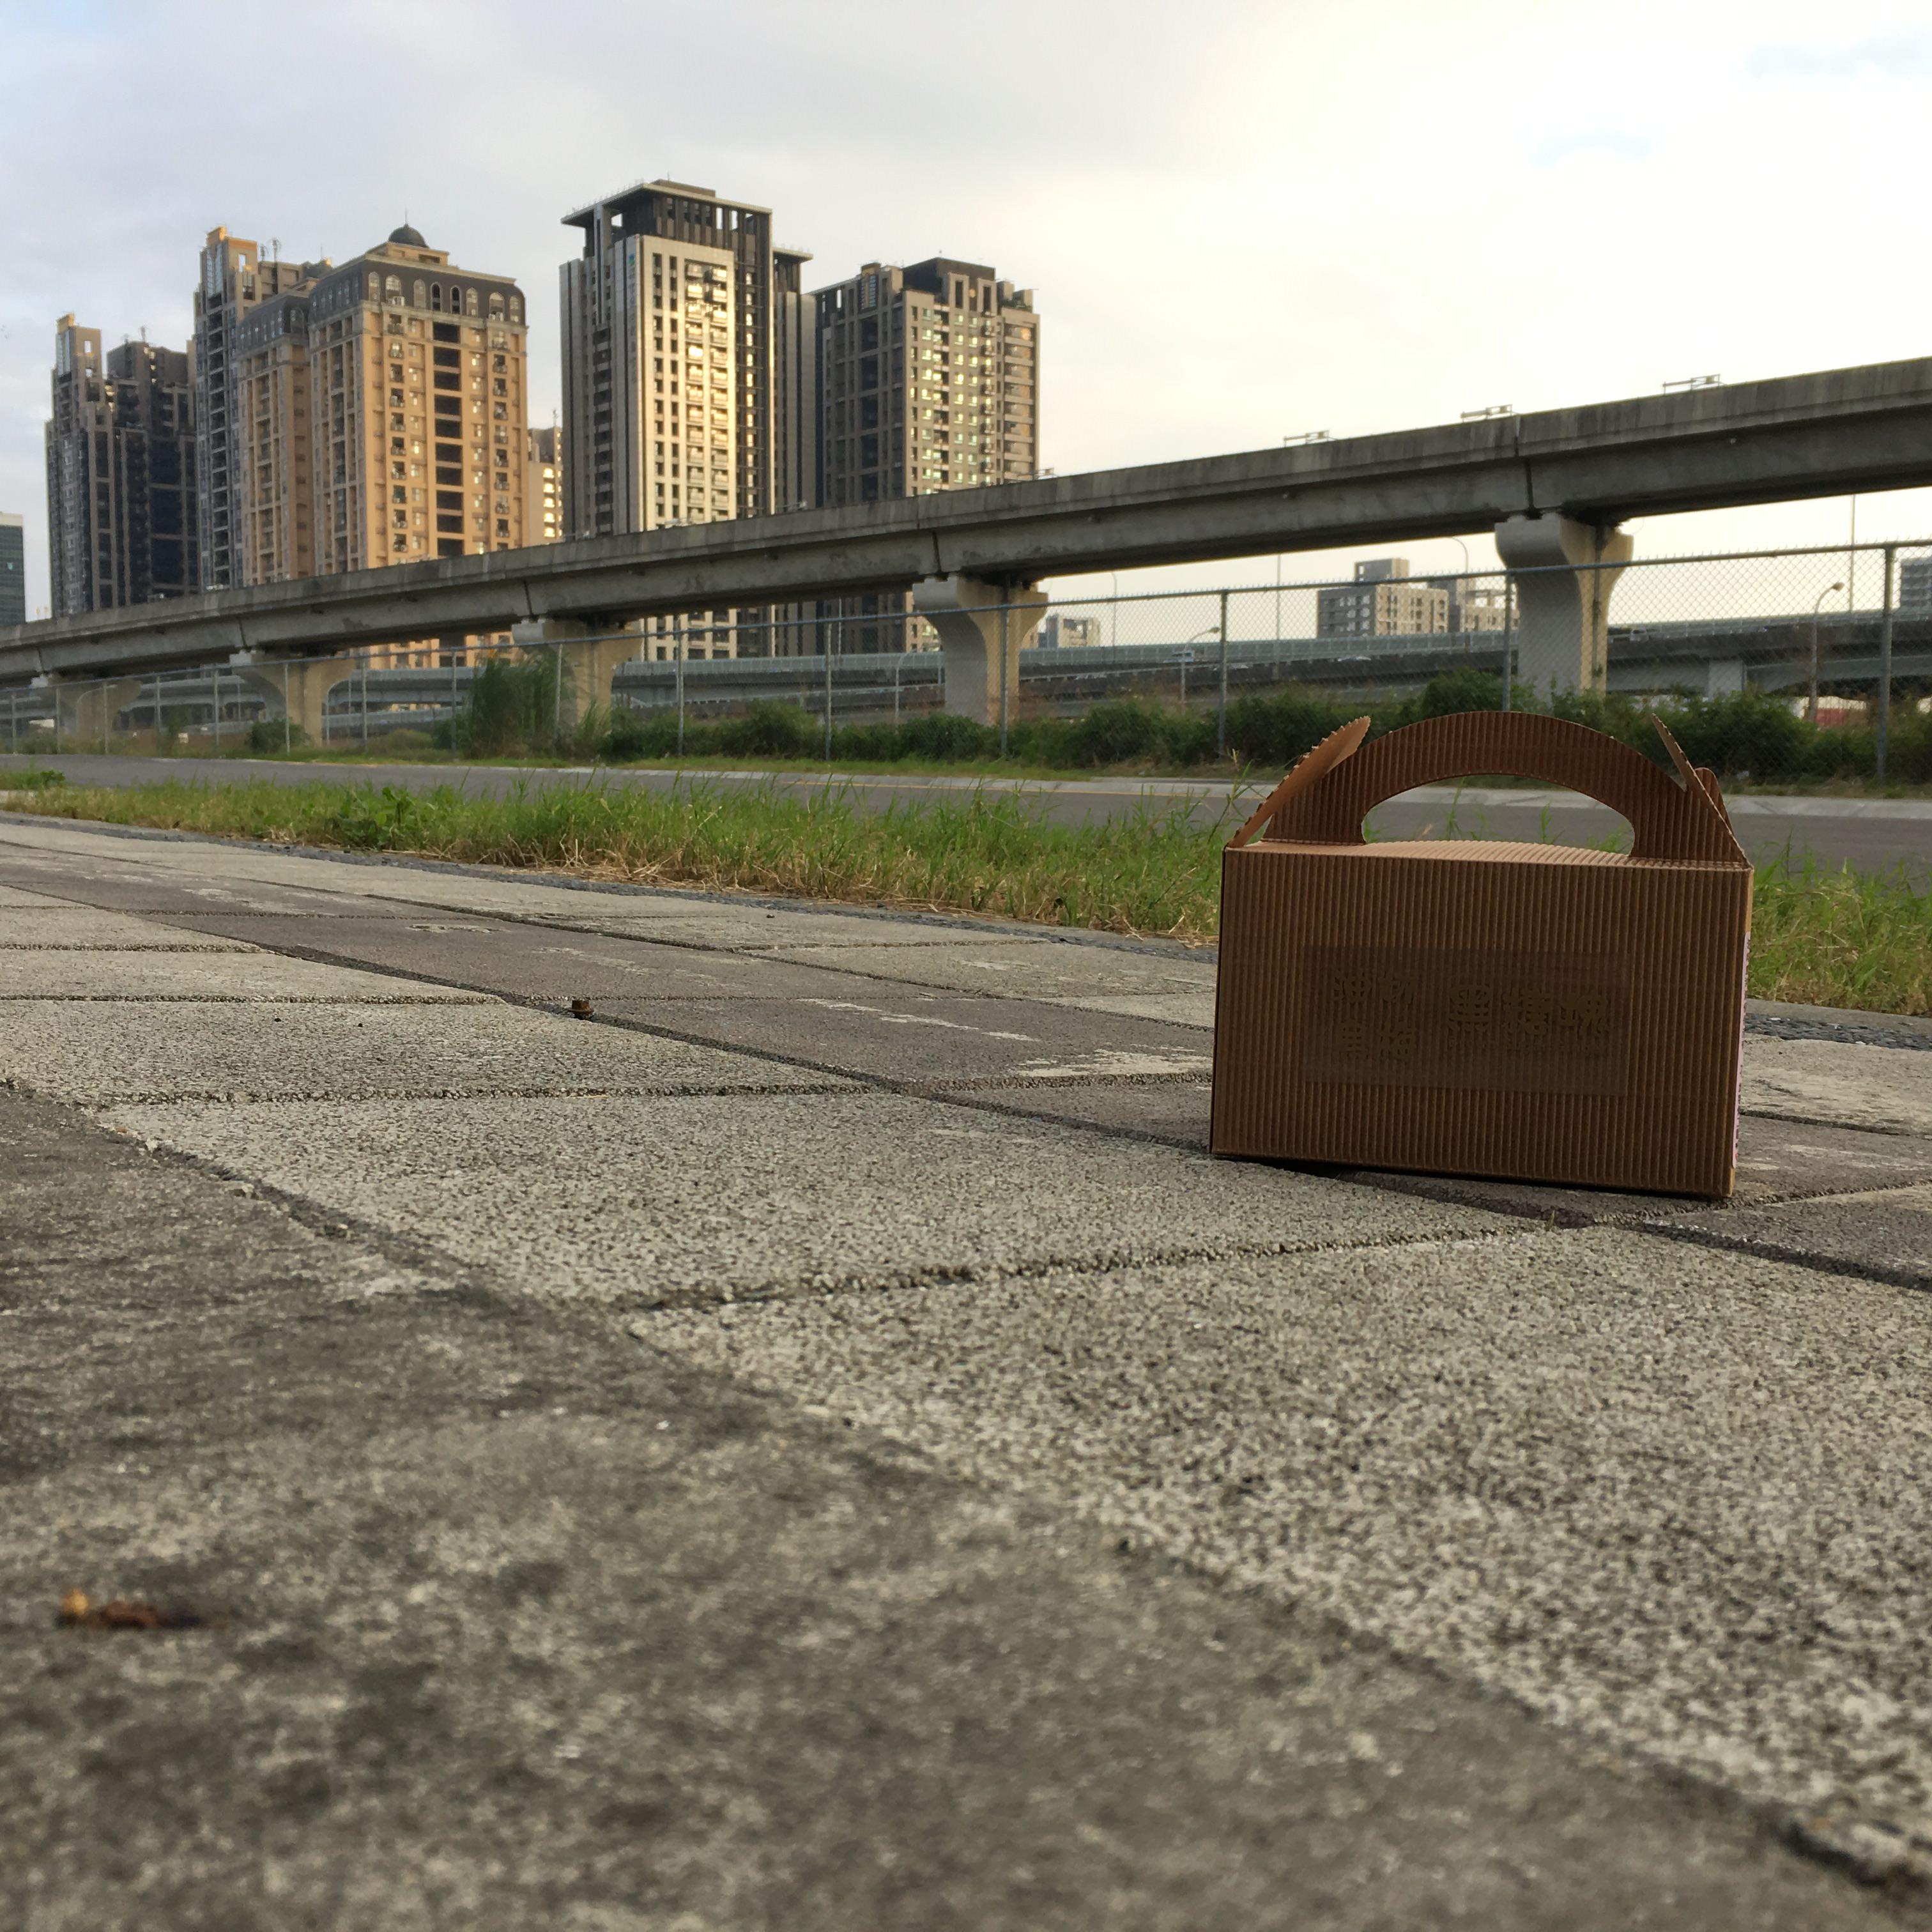 ★年節禮盒特賣【原味黑糖塊】10入/300g 黑糖茶磚/養生飲